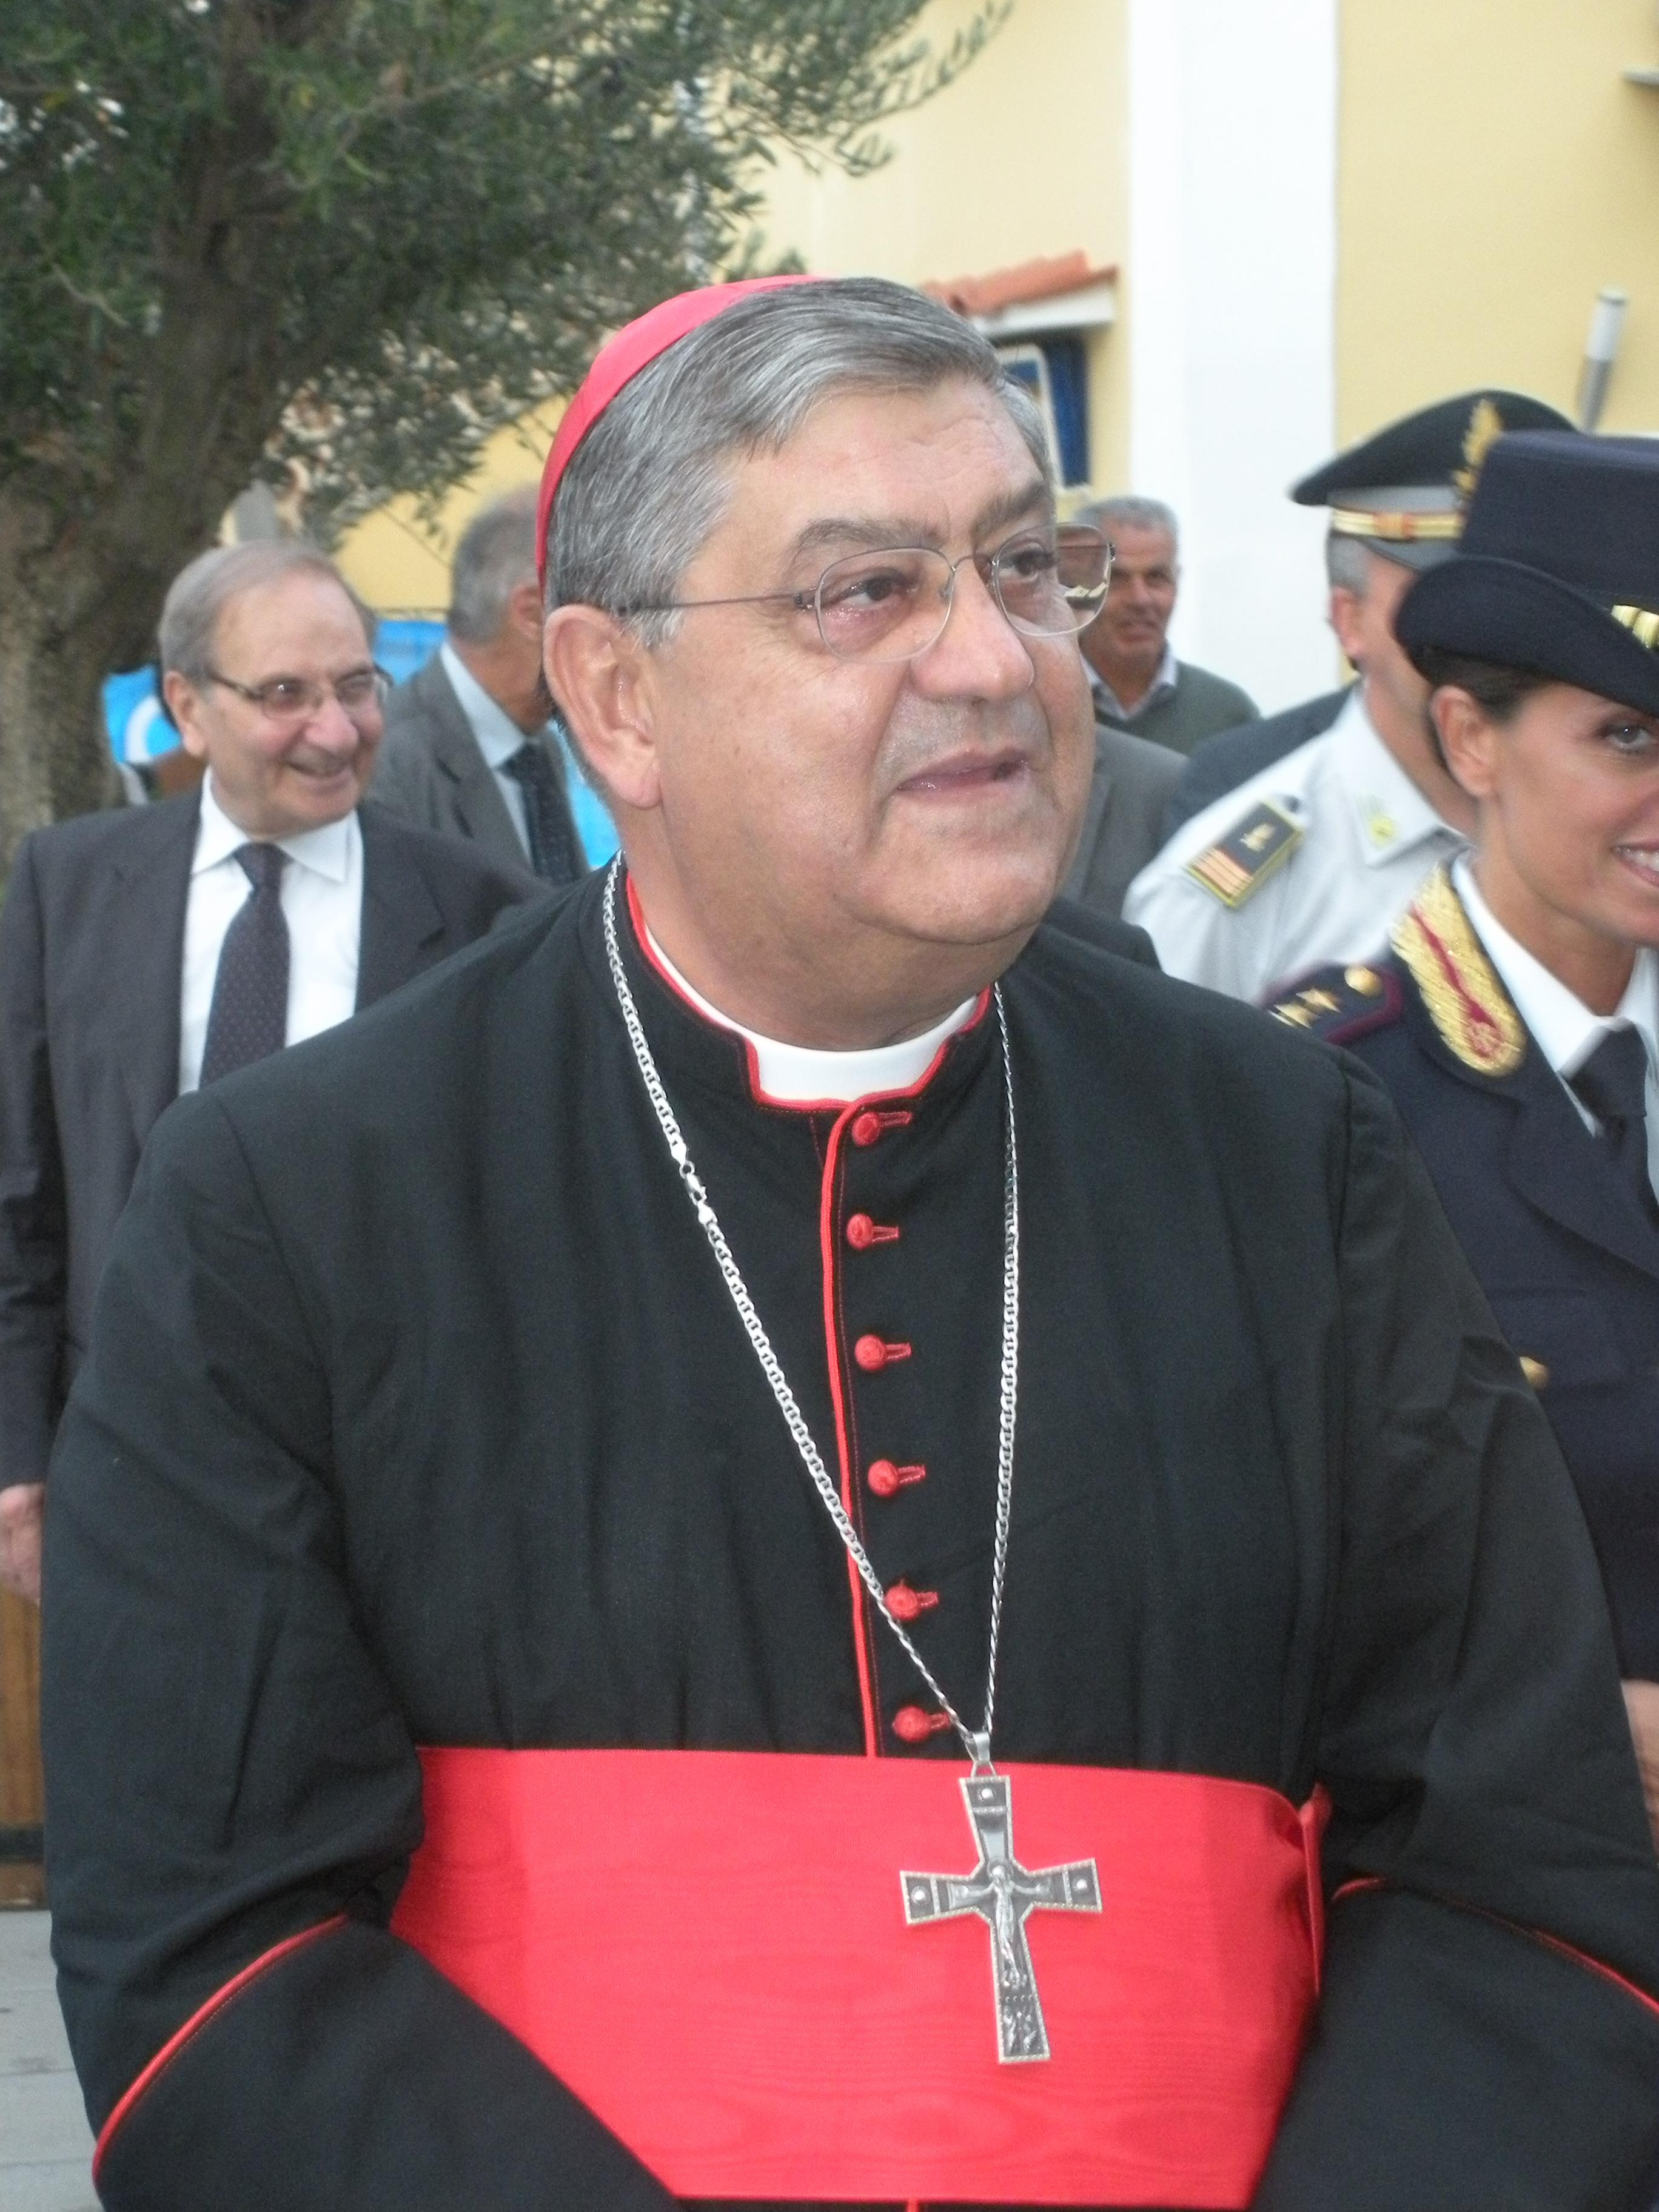 Il cardinale Sepe in ospedale, le condizioni sono buone: il prelato, risultato positivo al tampone, ha la polmonite